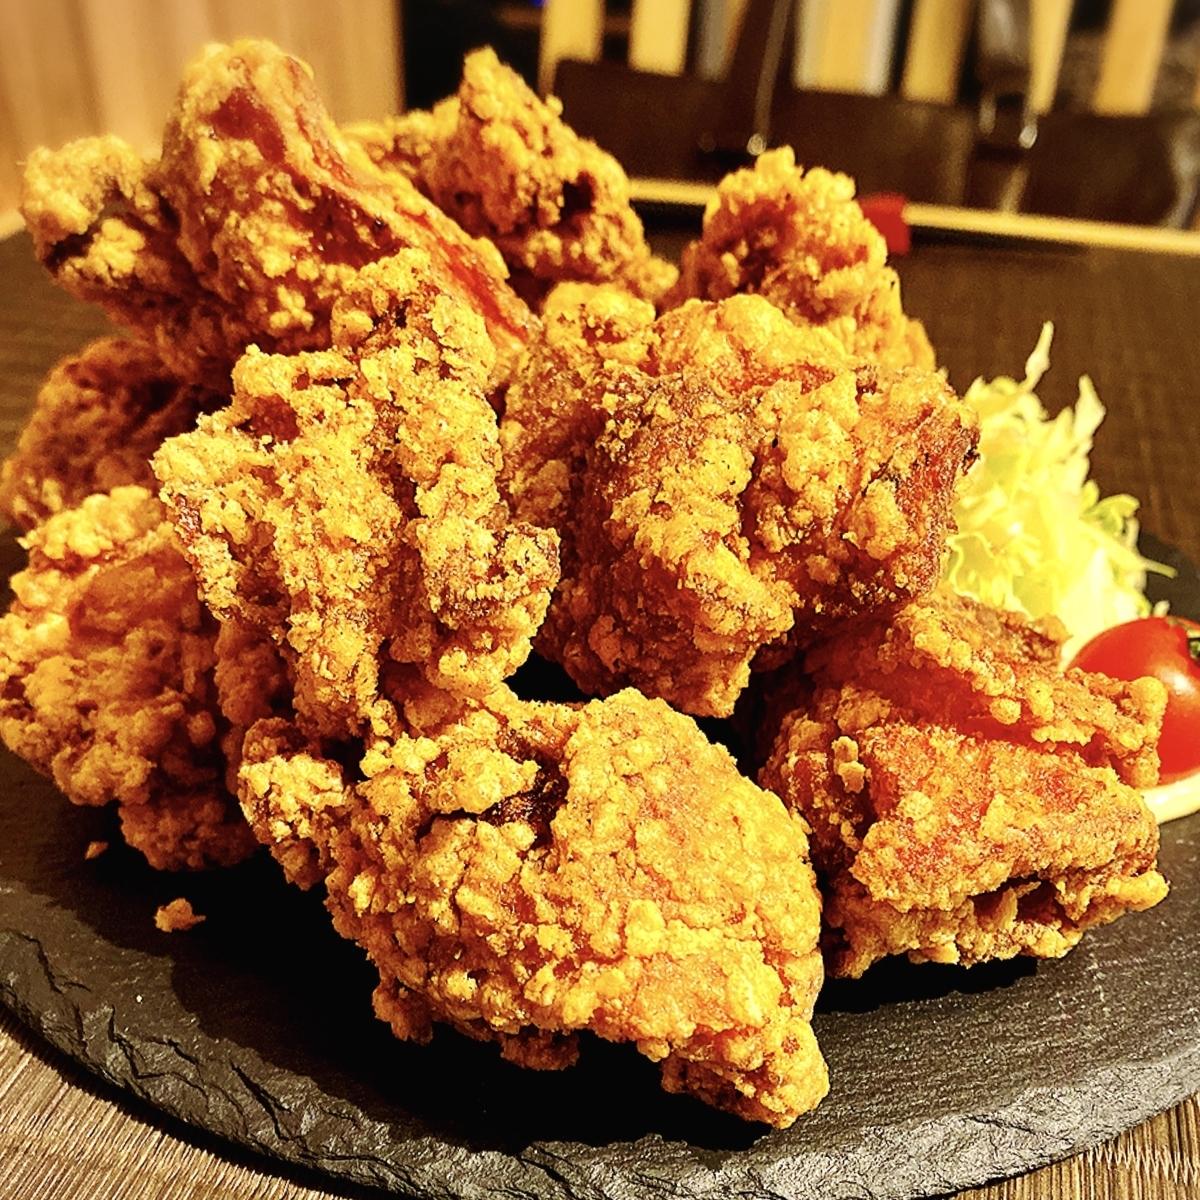 「燻製のおはなし2nd」は肉ロングユッケ寿司だけでなく唐揚げ定食も魅力的な居酒屋でした